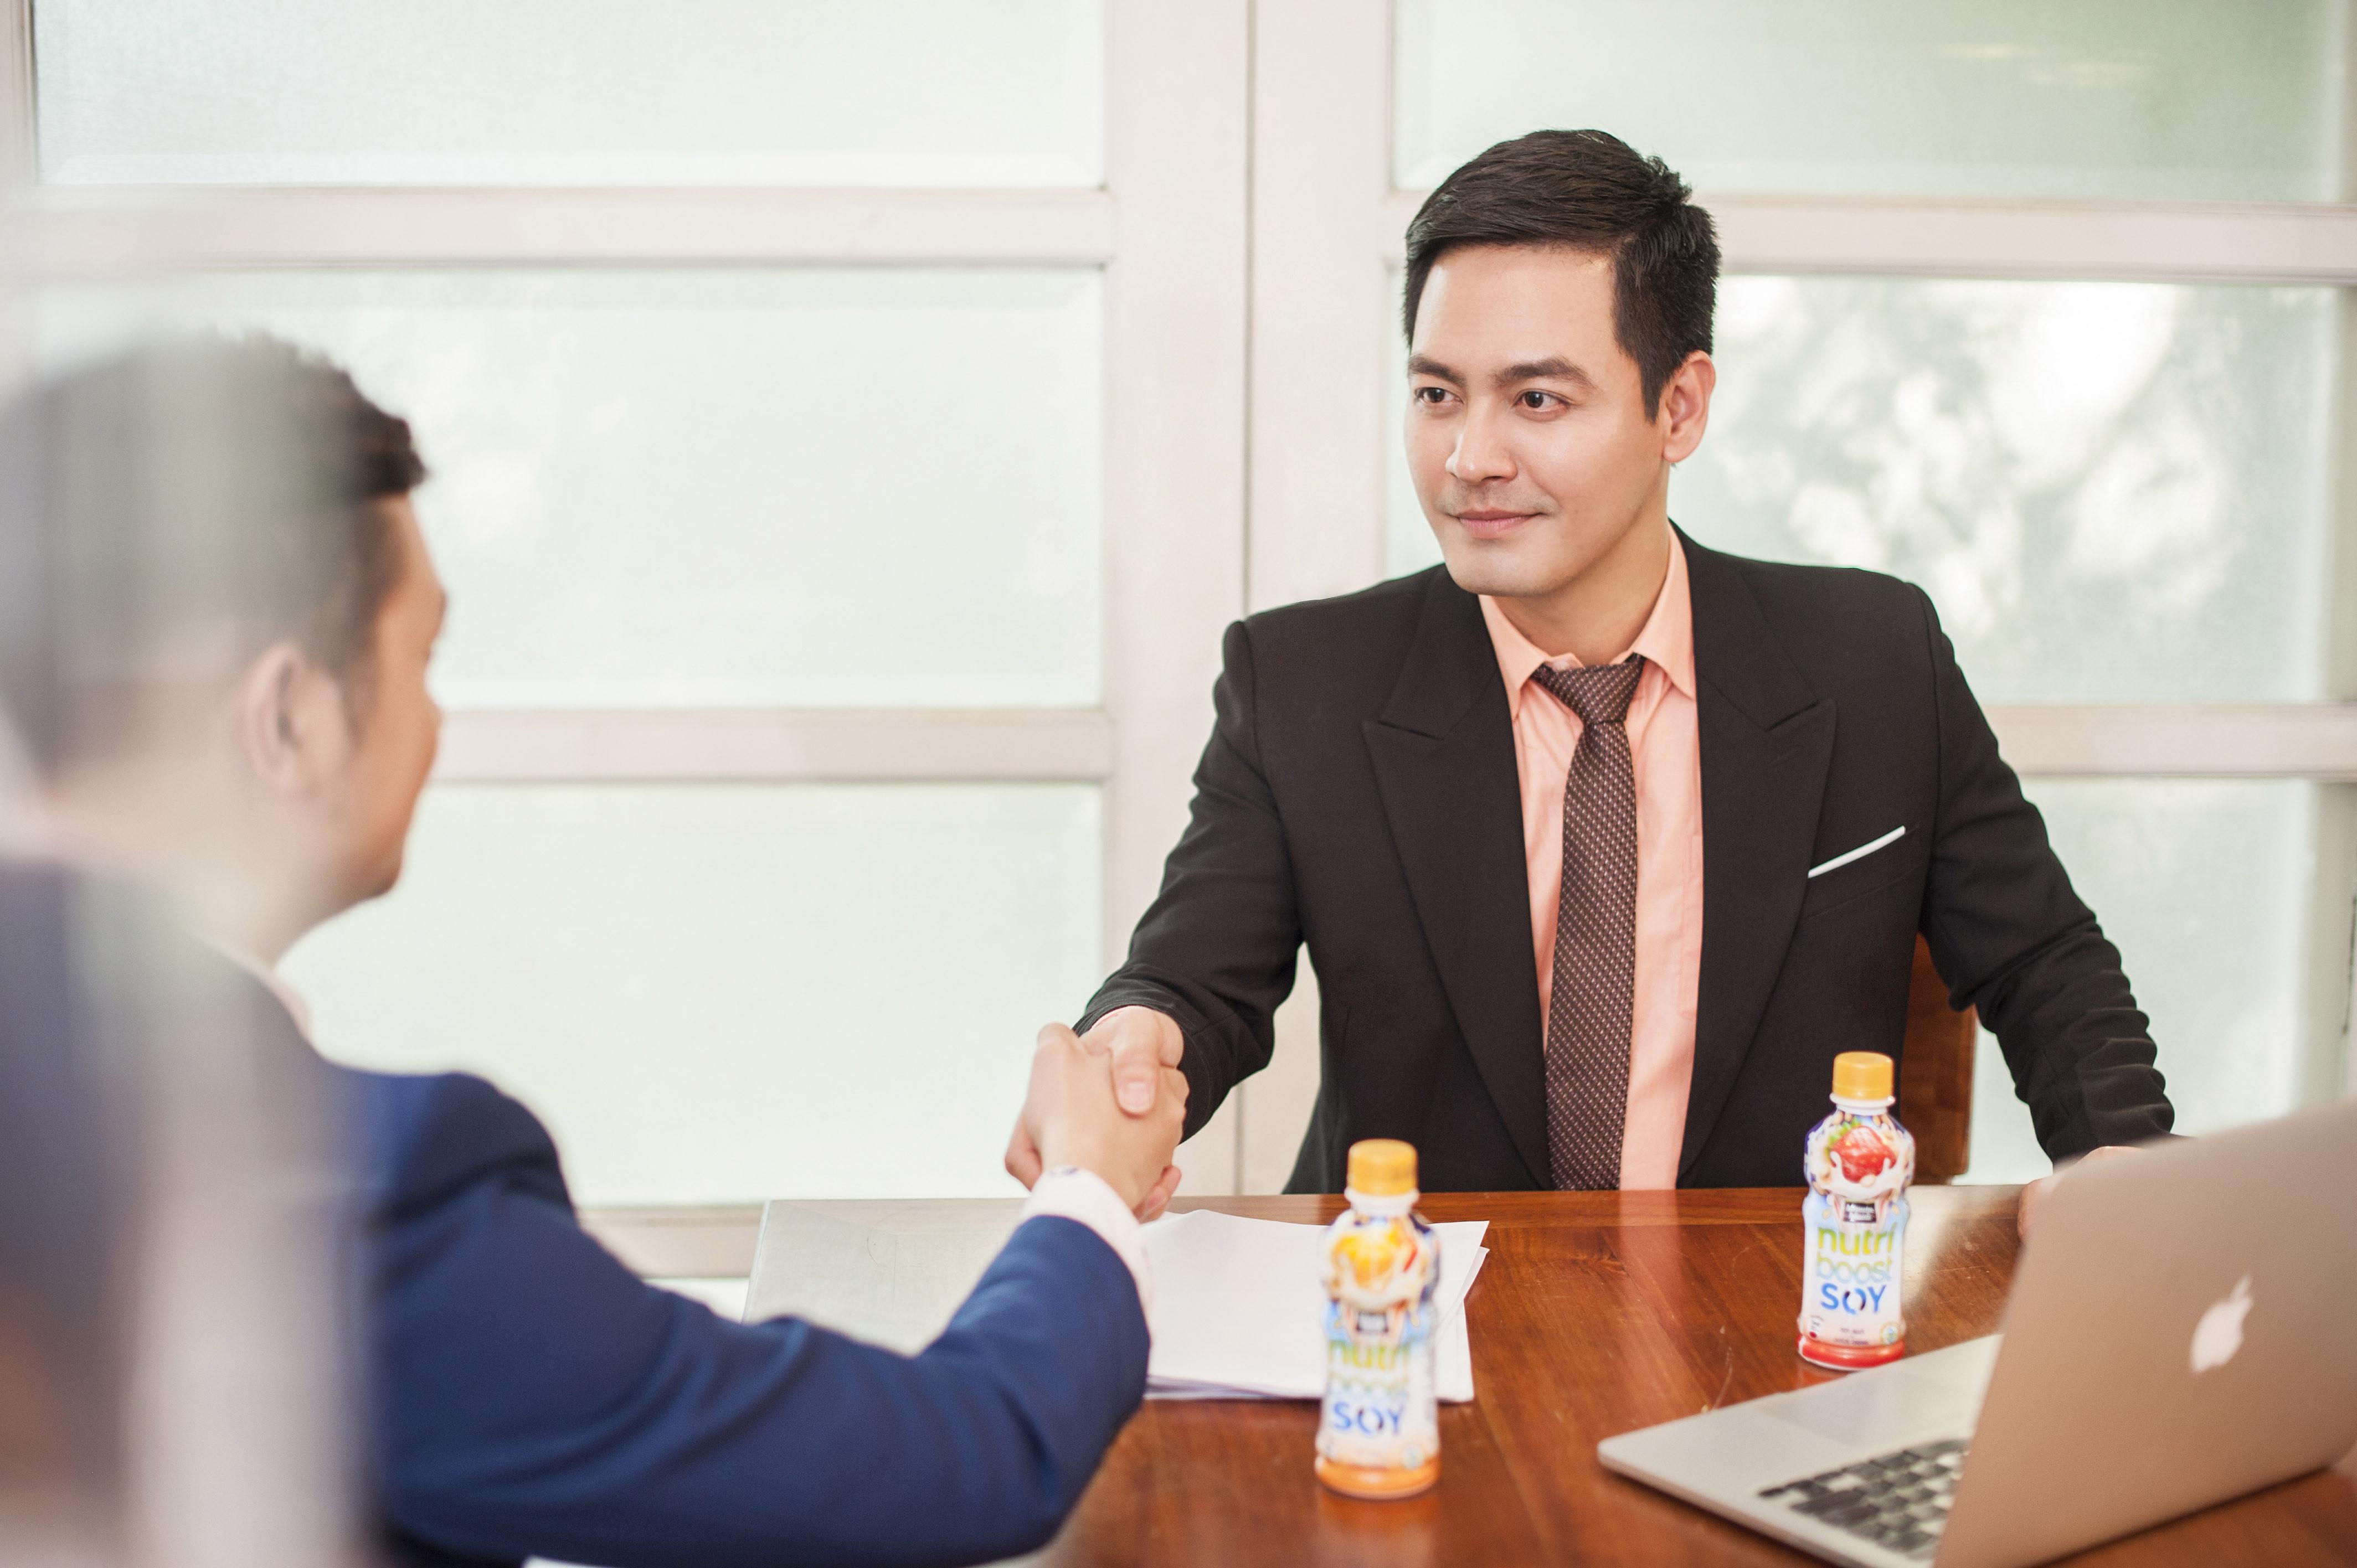 Chẳng một ai thấy vui vẻ hay thoải mái bắt chuyện, trao đổi công việc hoặc yêu một người gặp vấn đề về mùi cơ thể.